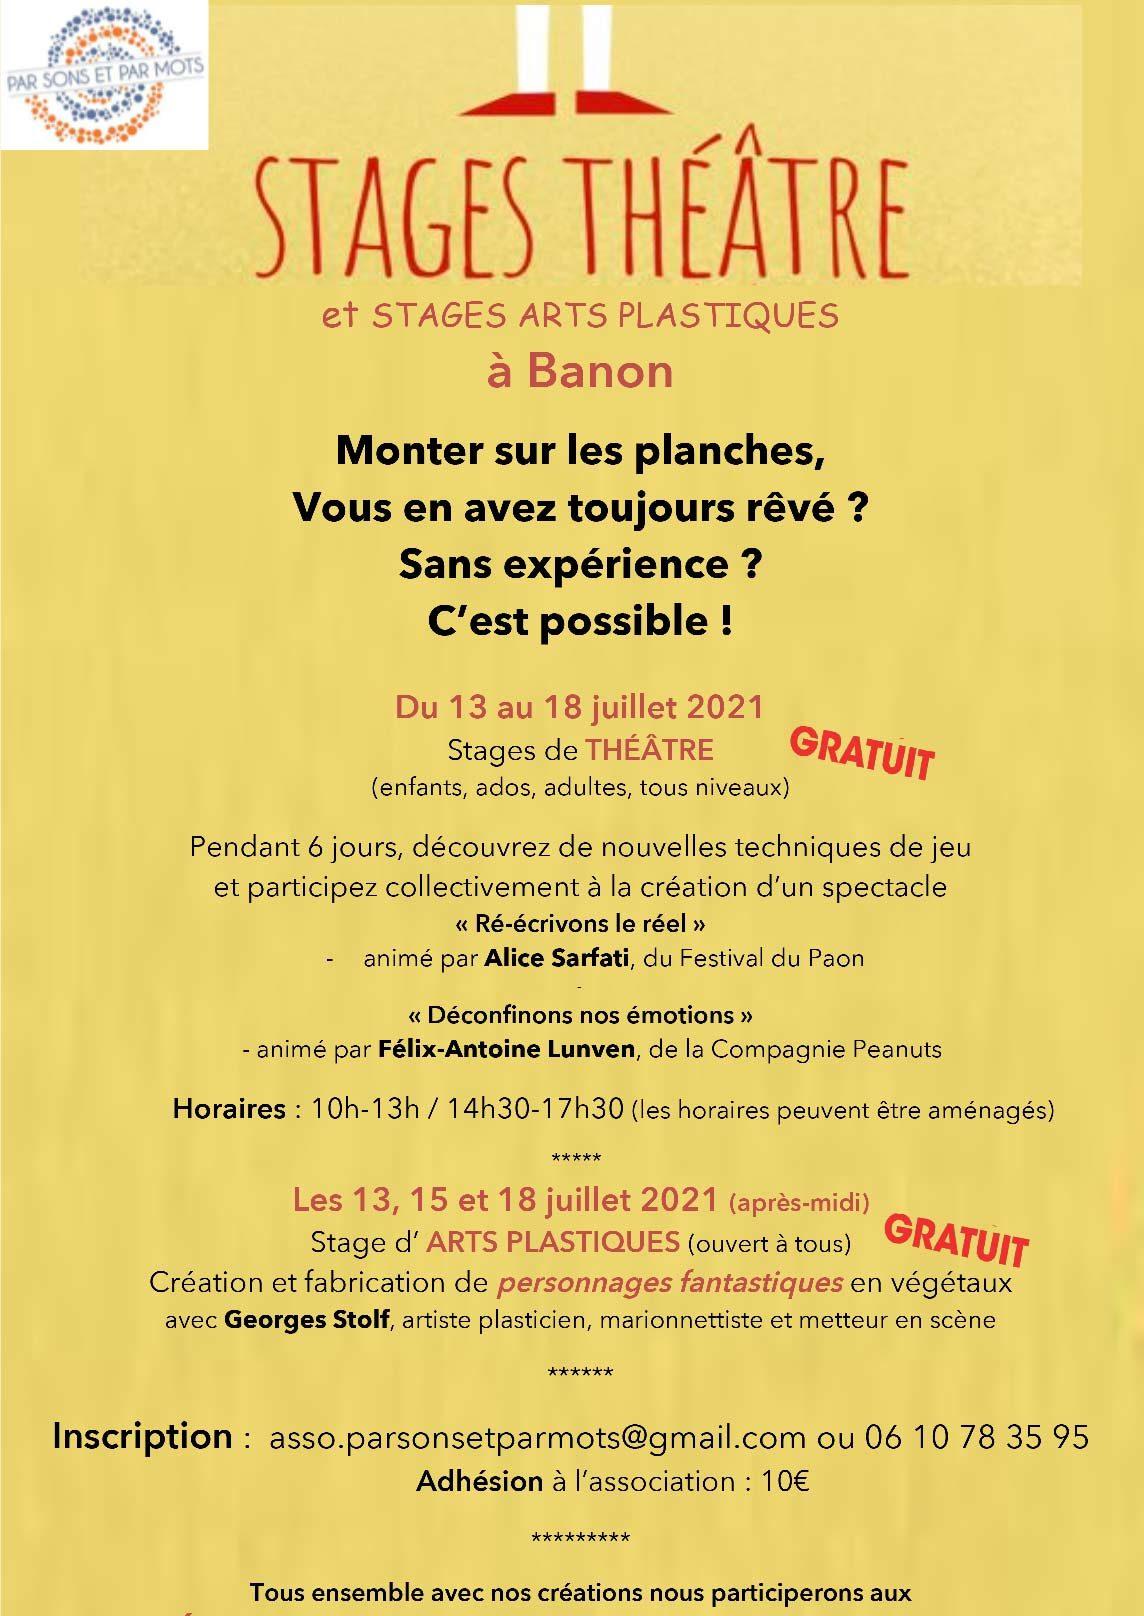 fichier-A4-theatre-juillet-2021-gratuit-